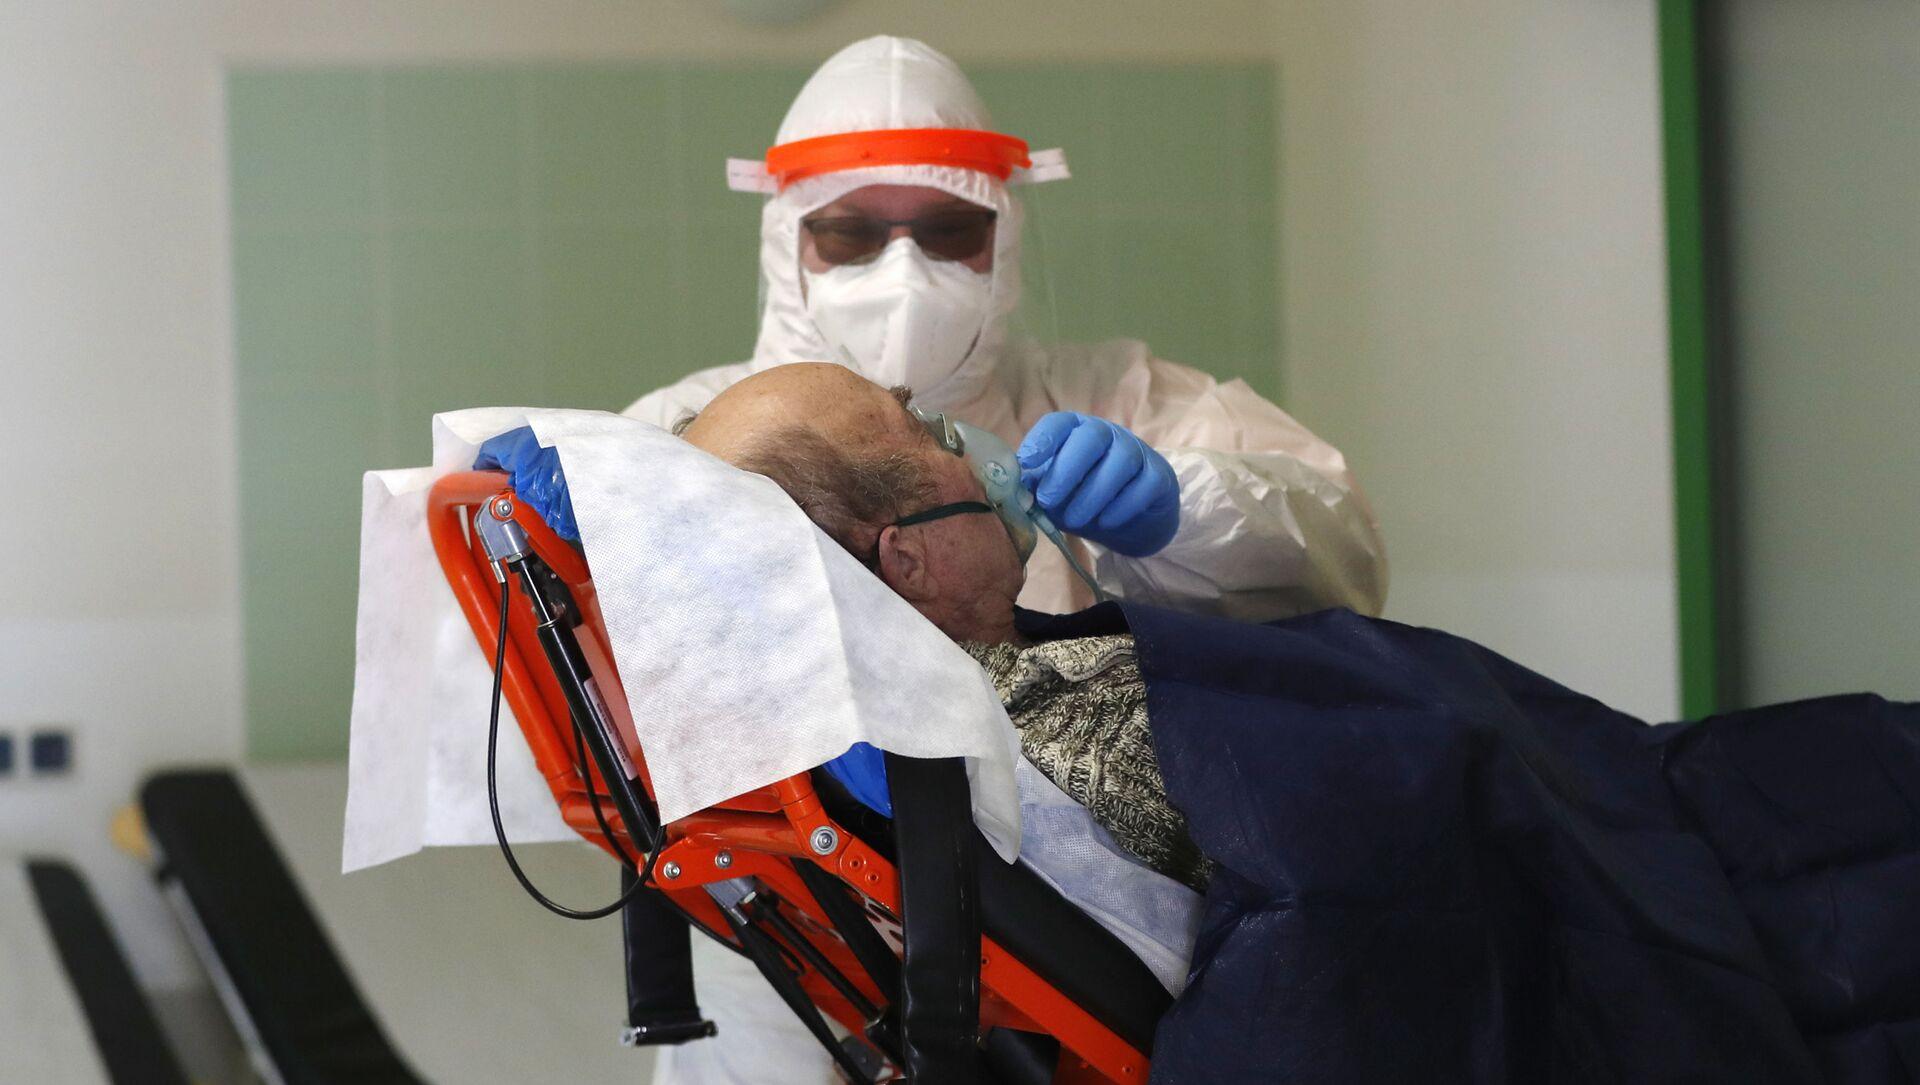 11 marca 2020 roku Światowa Organizacja Zdrowia ogłosiła epidemię koronawirusa SARS-CoV-2 pandemią.  - Sputnik Polska, 1920, 21.02.2021